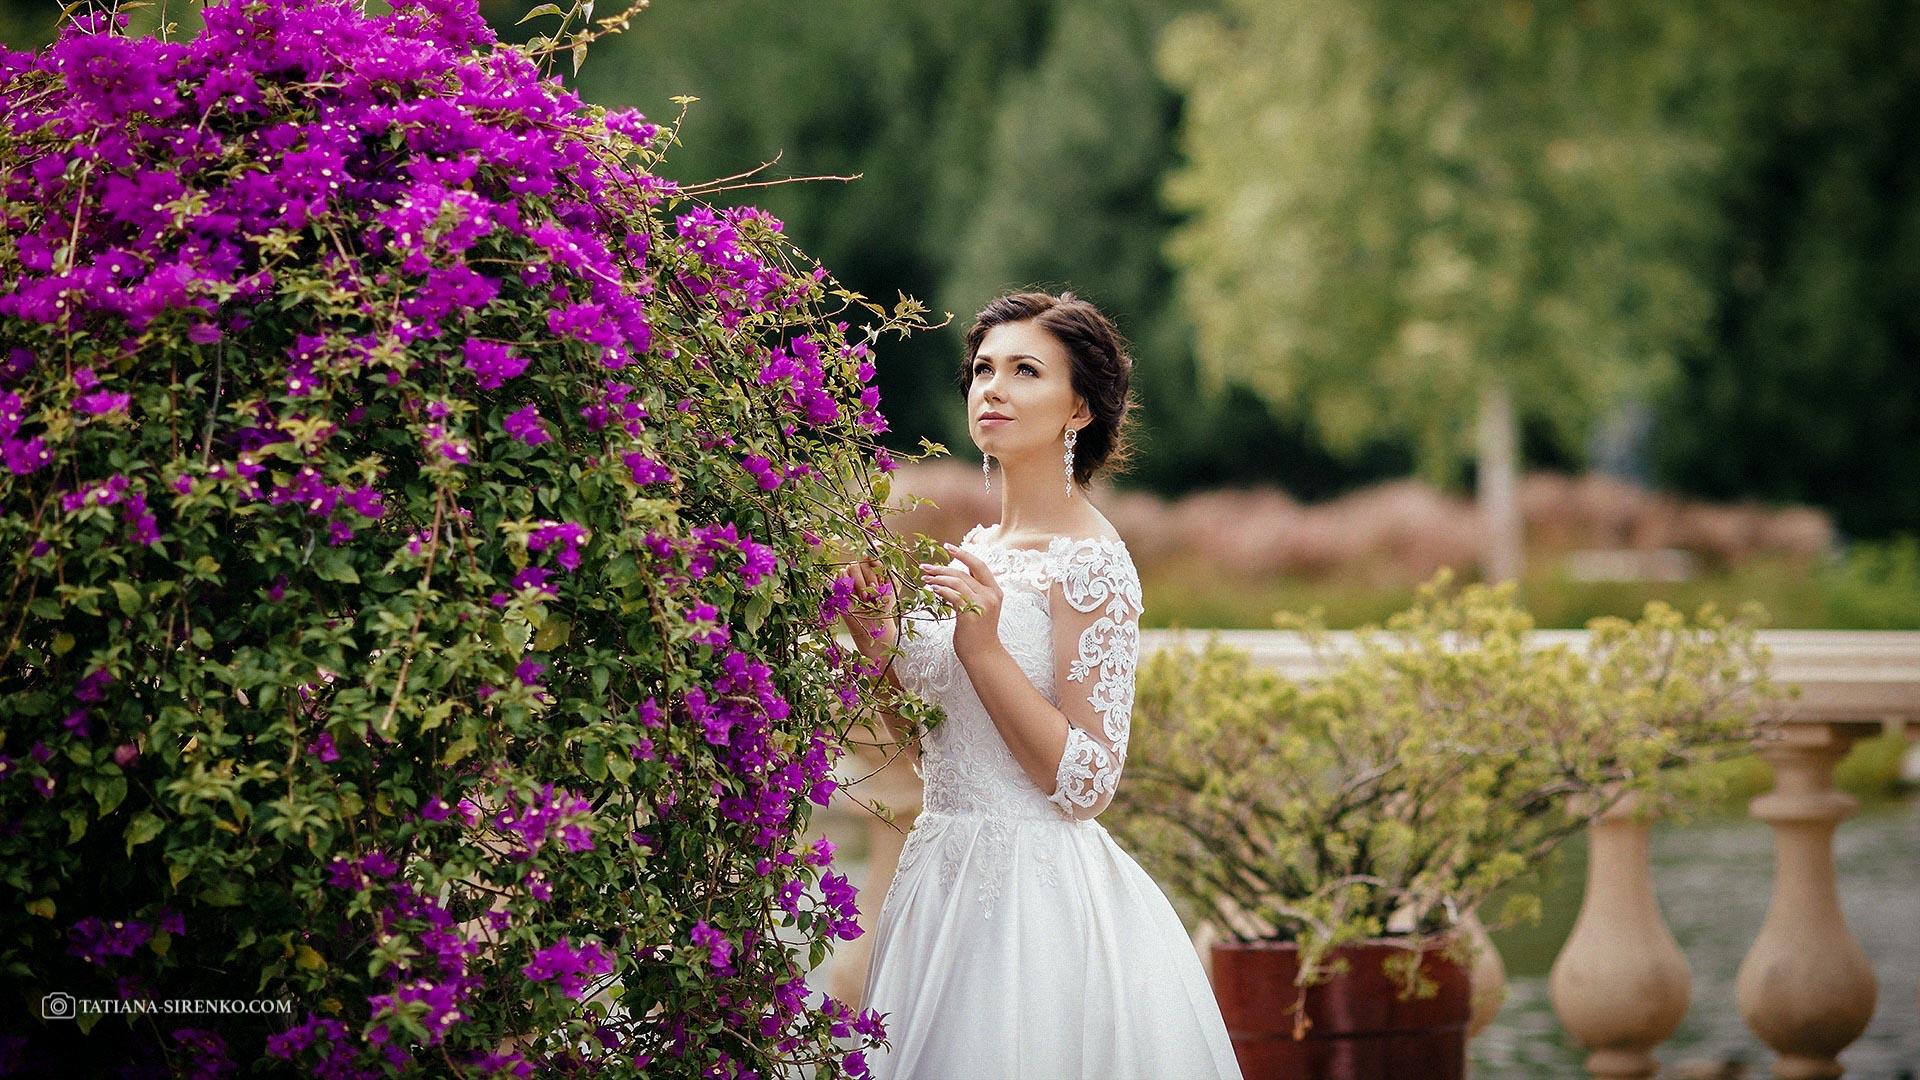 Лучшие свадебные фотографы